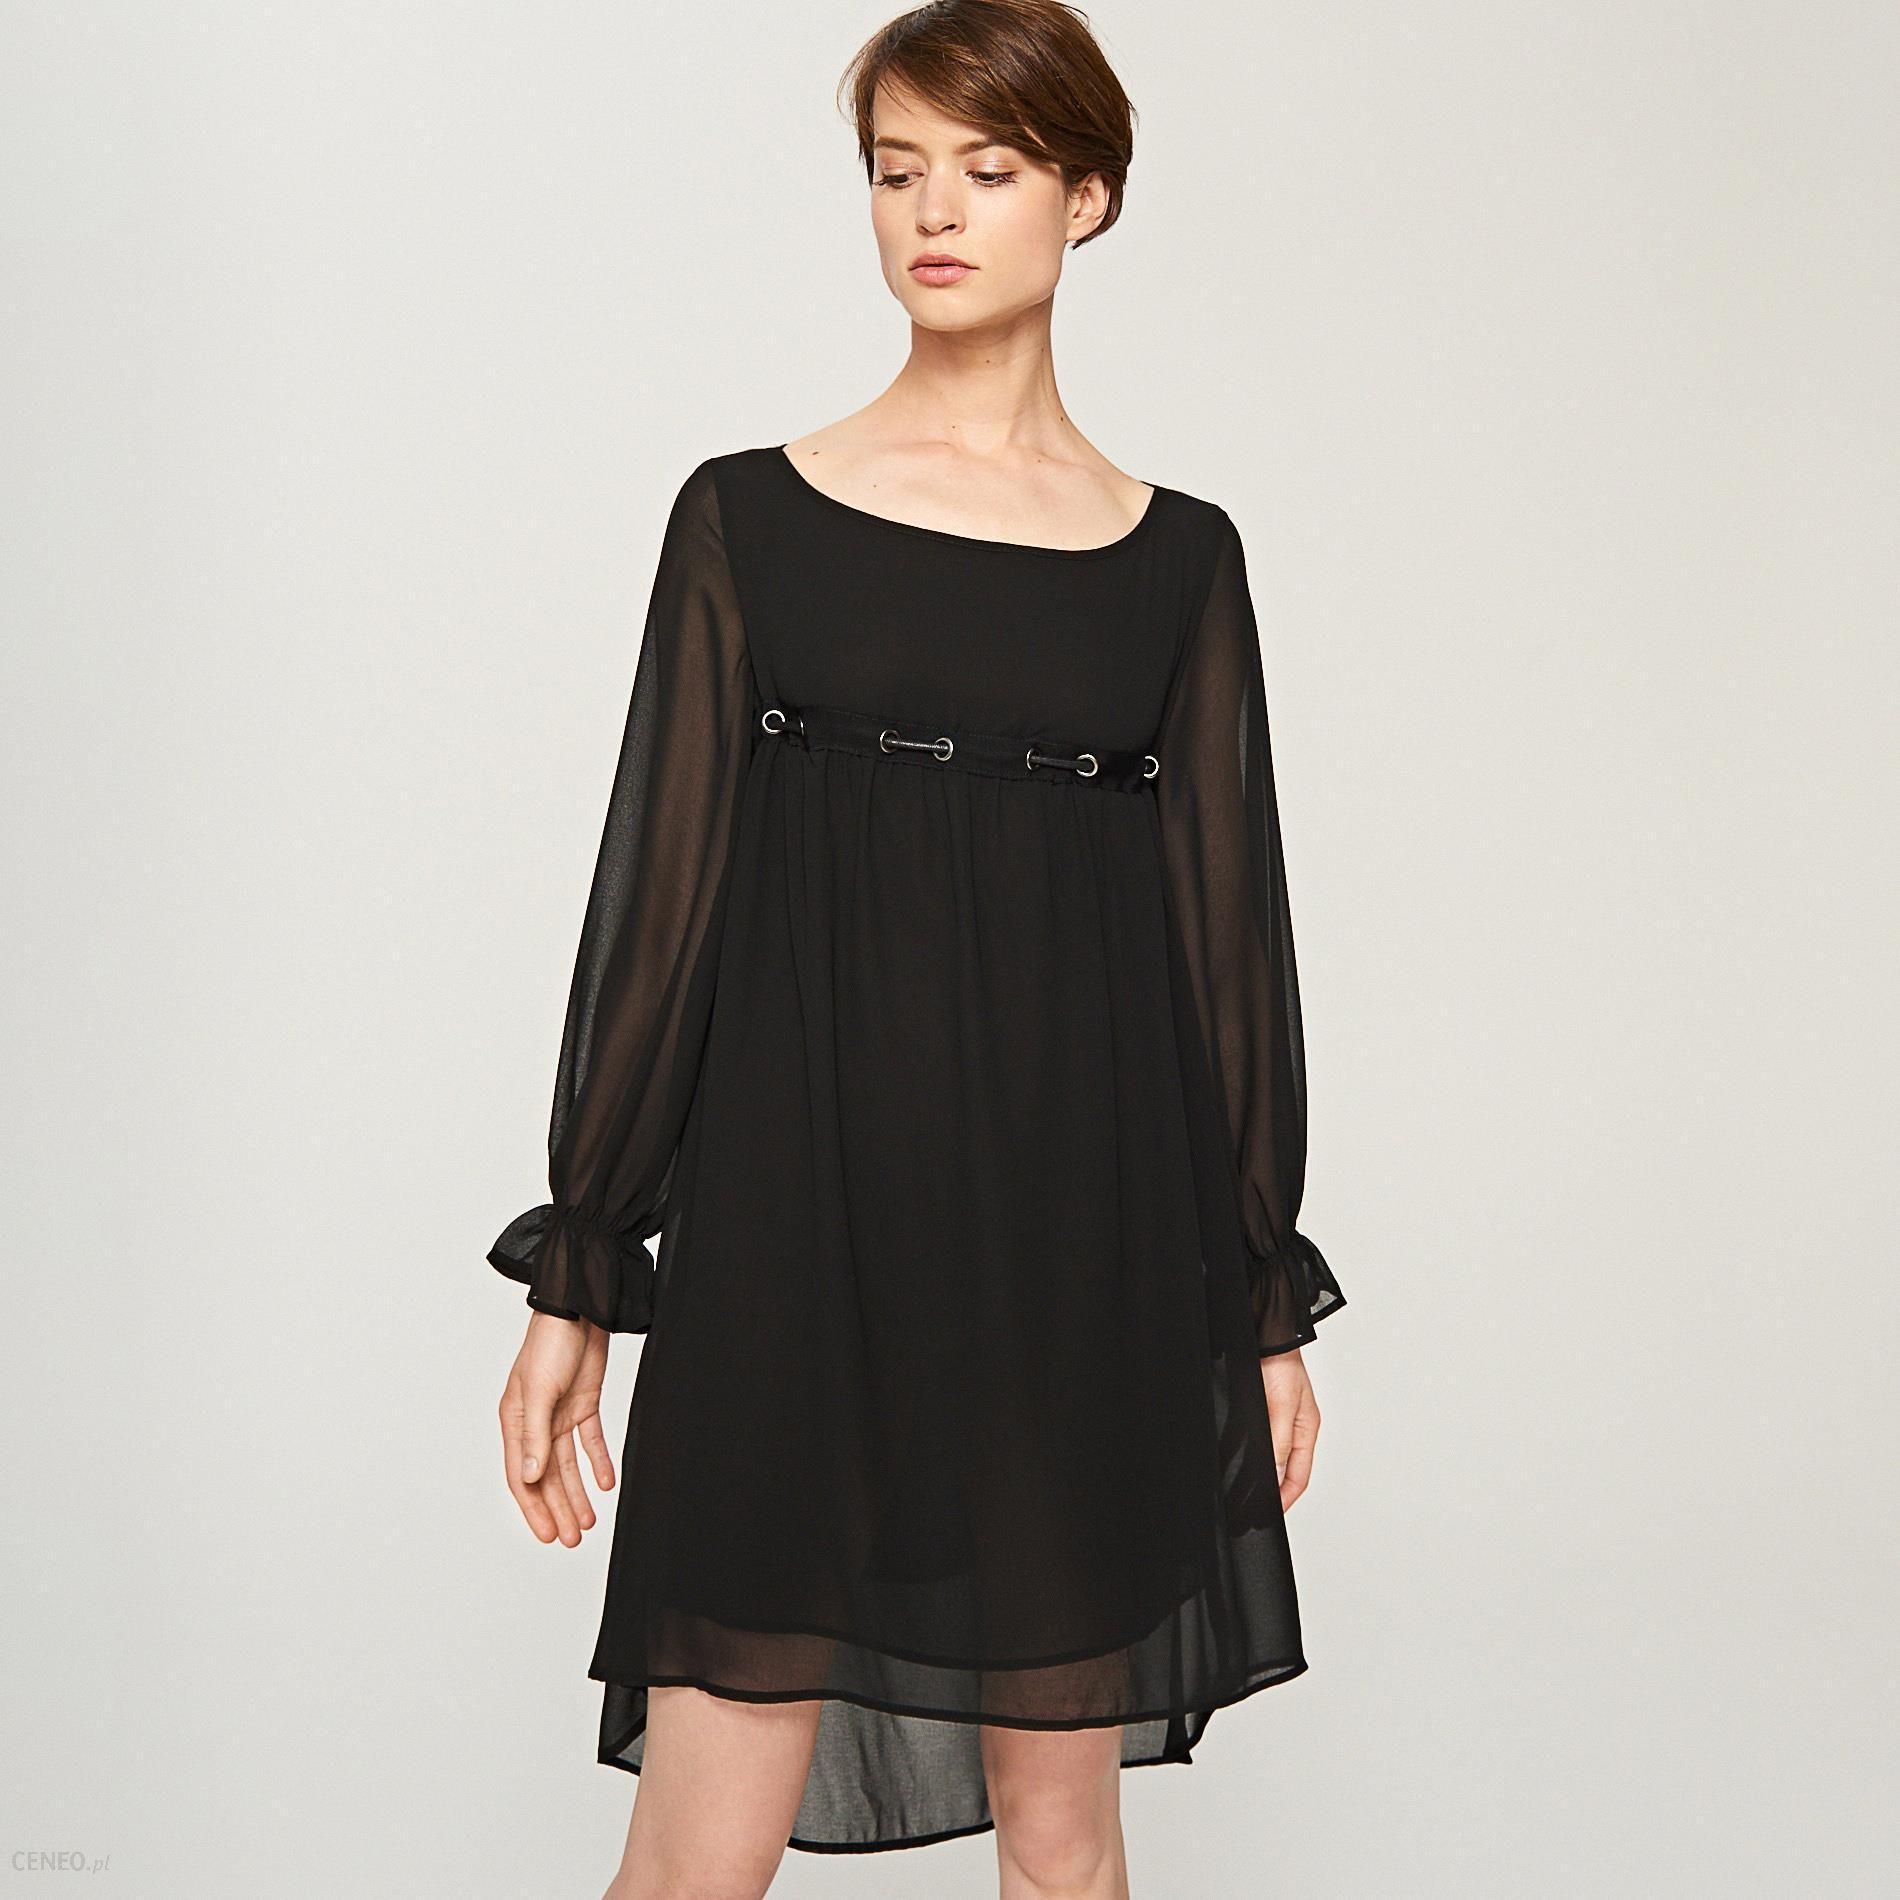 c4b8db25 Reserved - Sukienka z ozdobnym sznurowaniem - Czarny